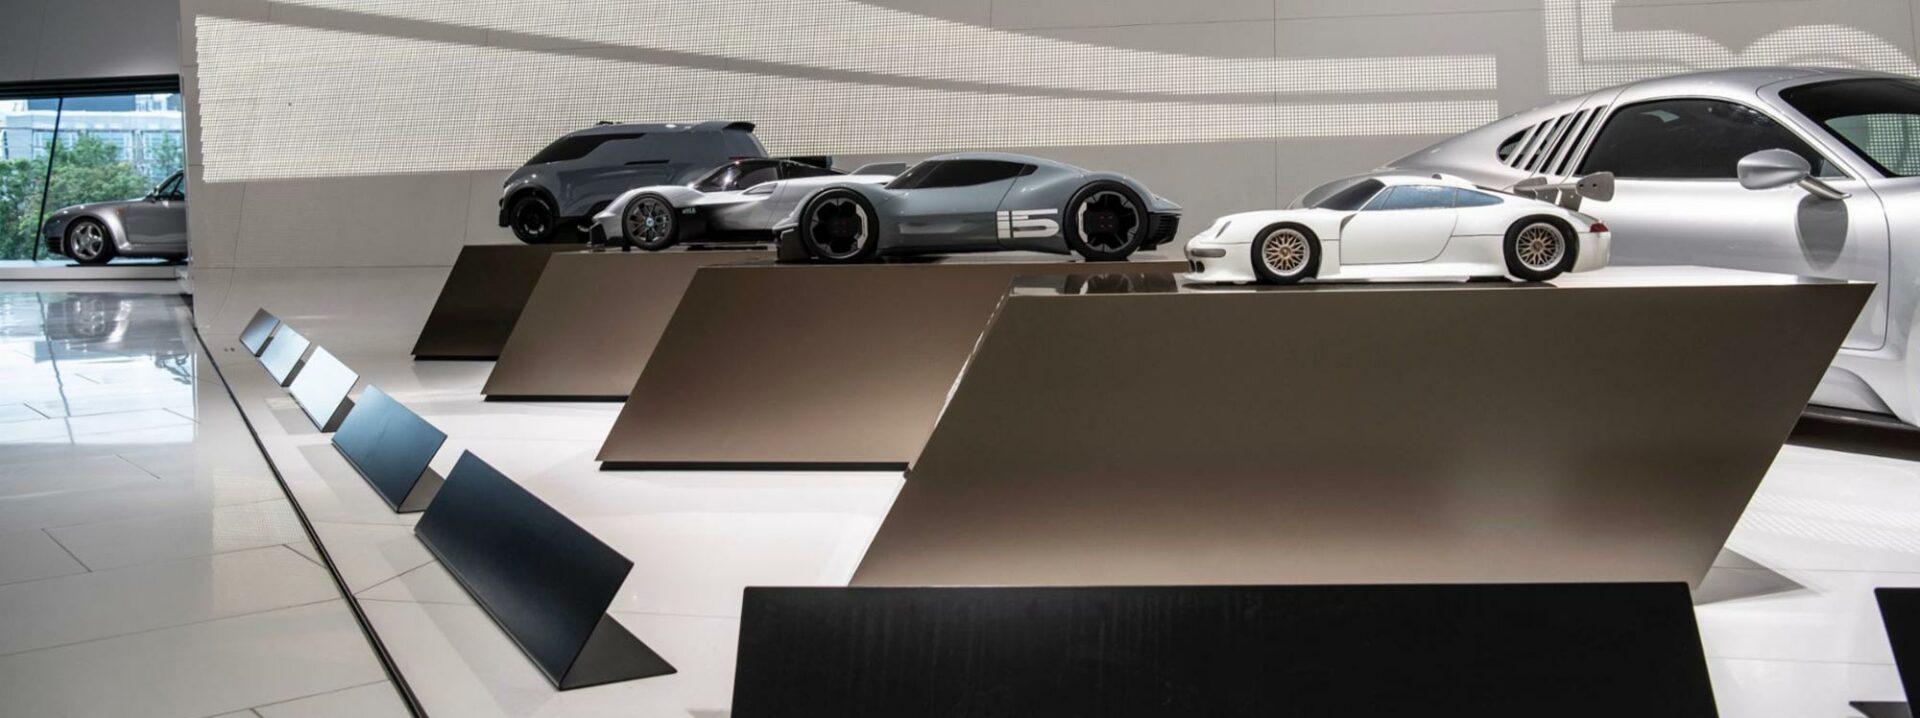 Conozca la cuna de los modelos Porsche